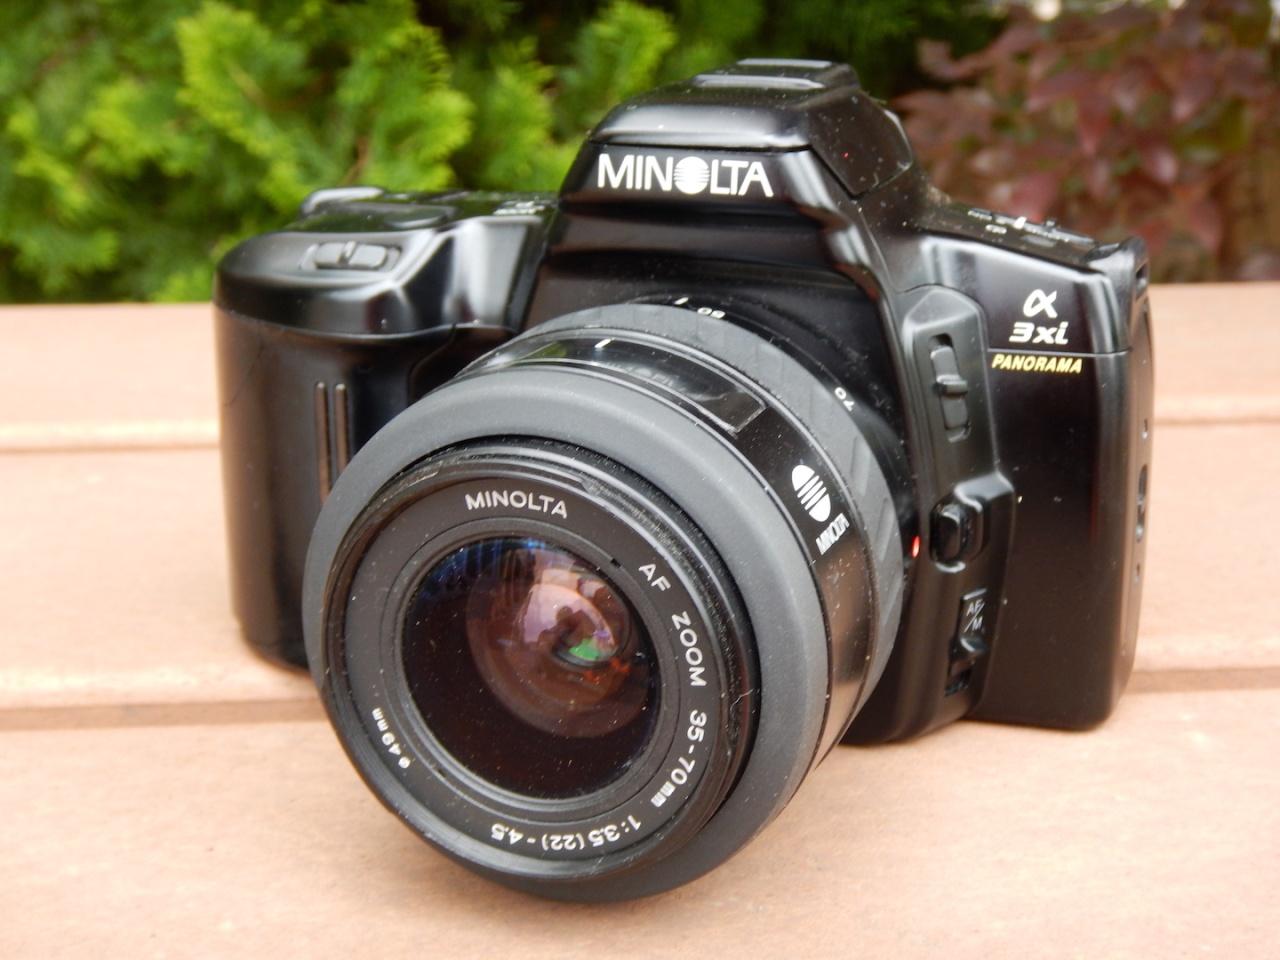 Minolta alpha 3xiPanorama